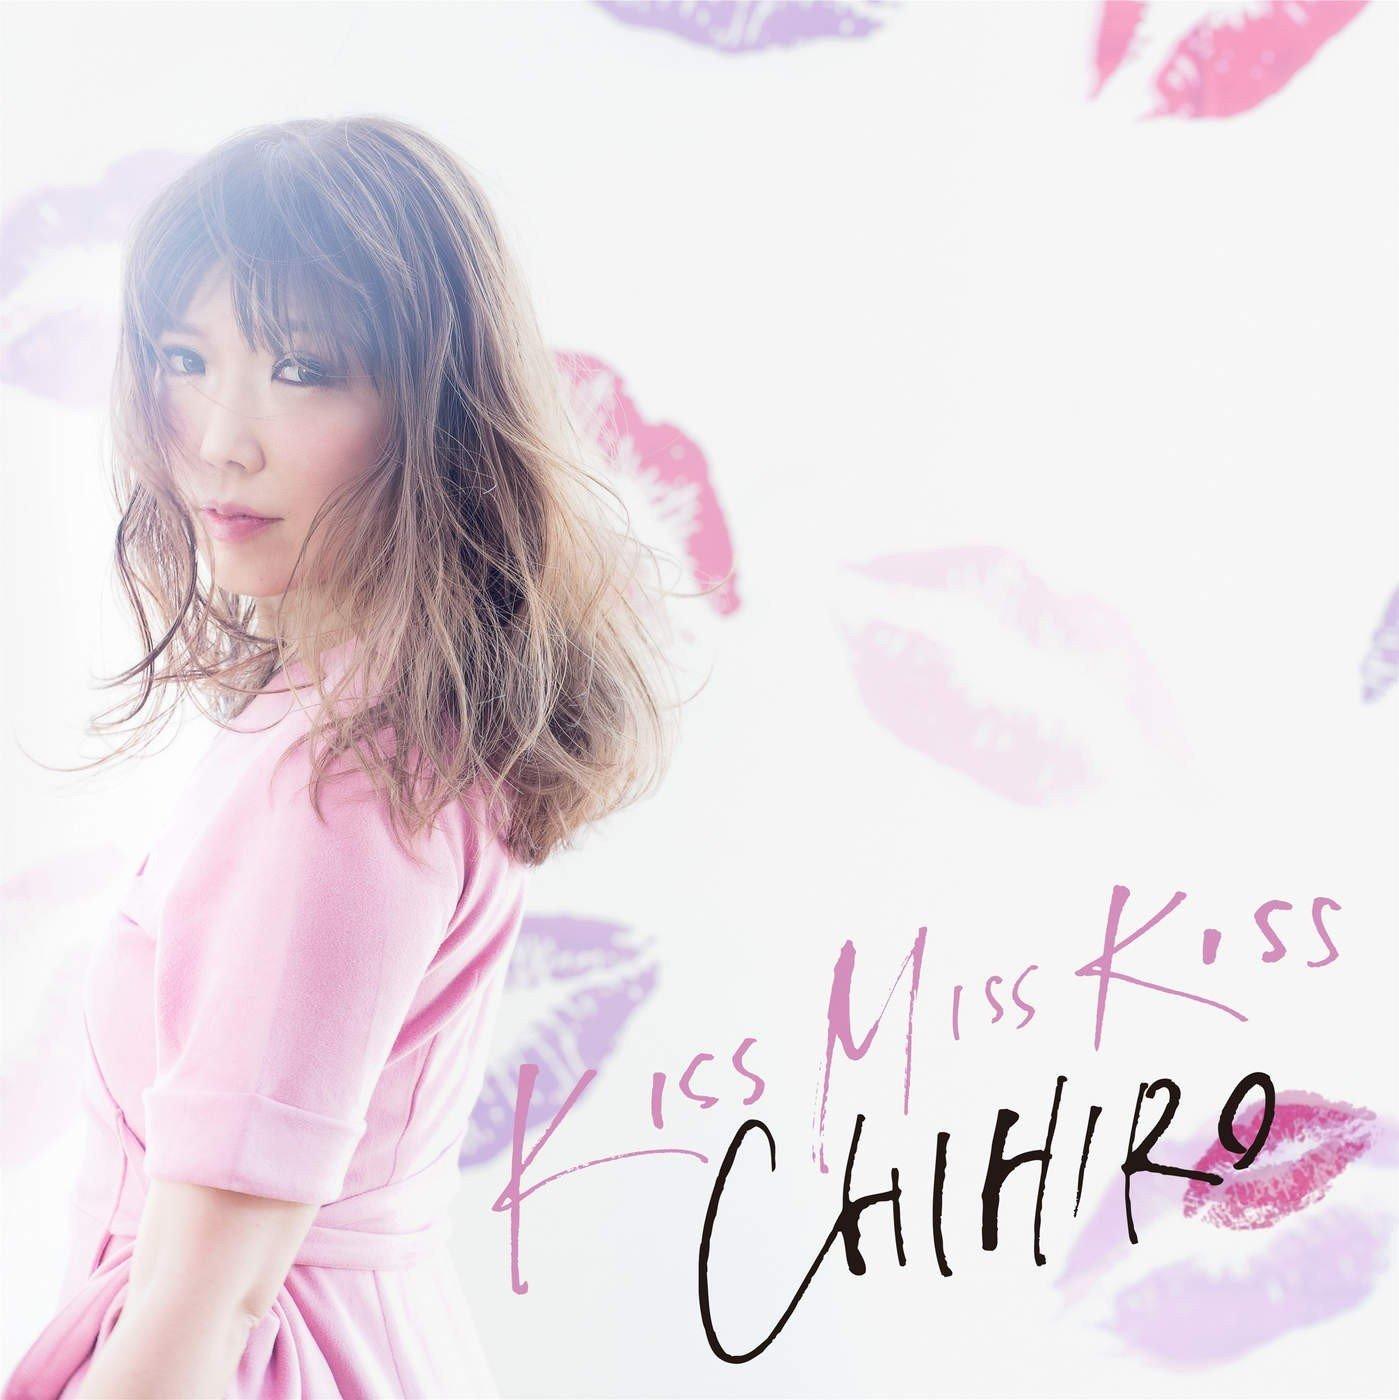 Download CHIHIRO KISS MISS KISS